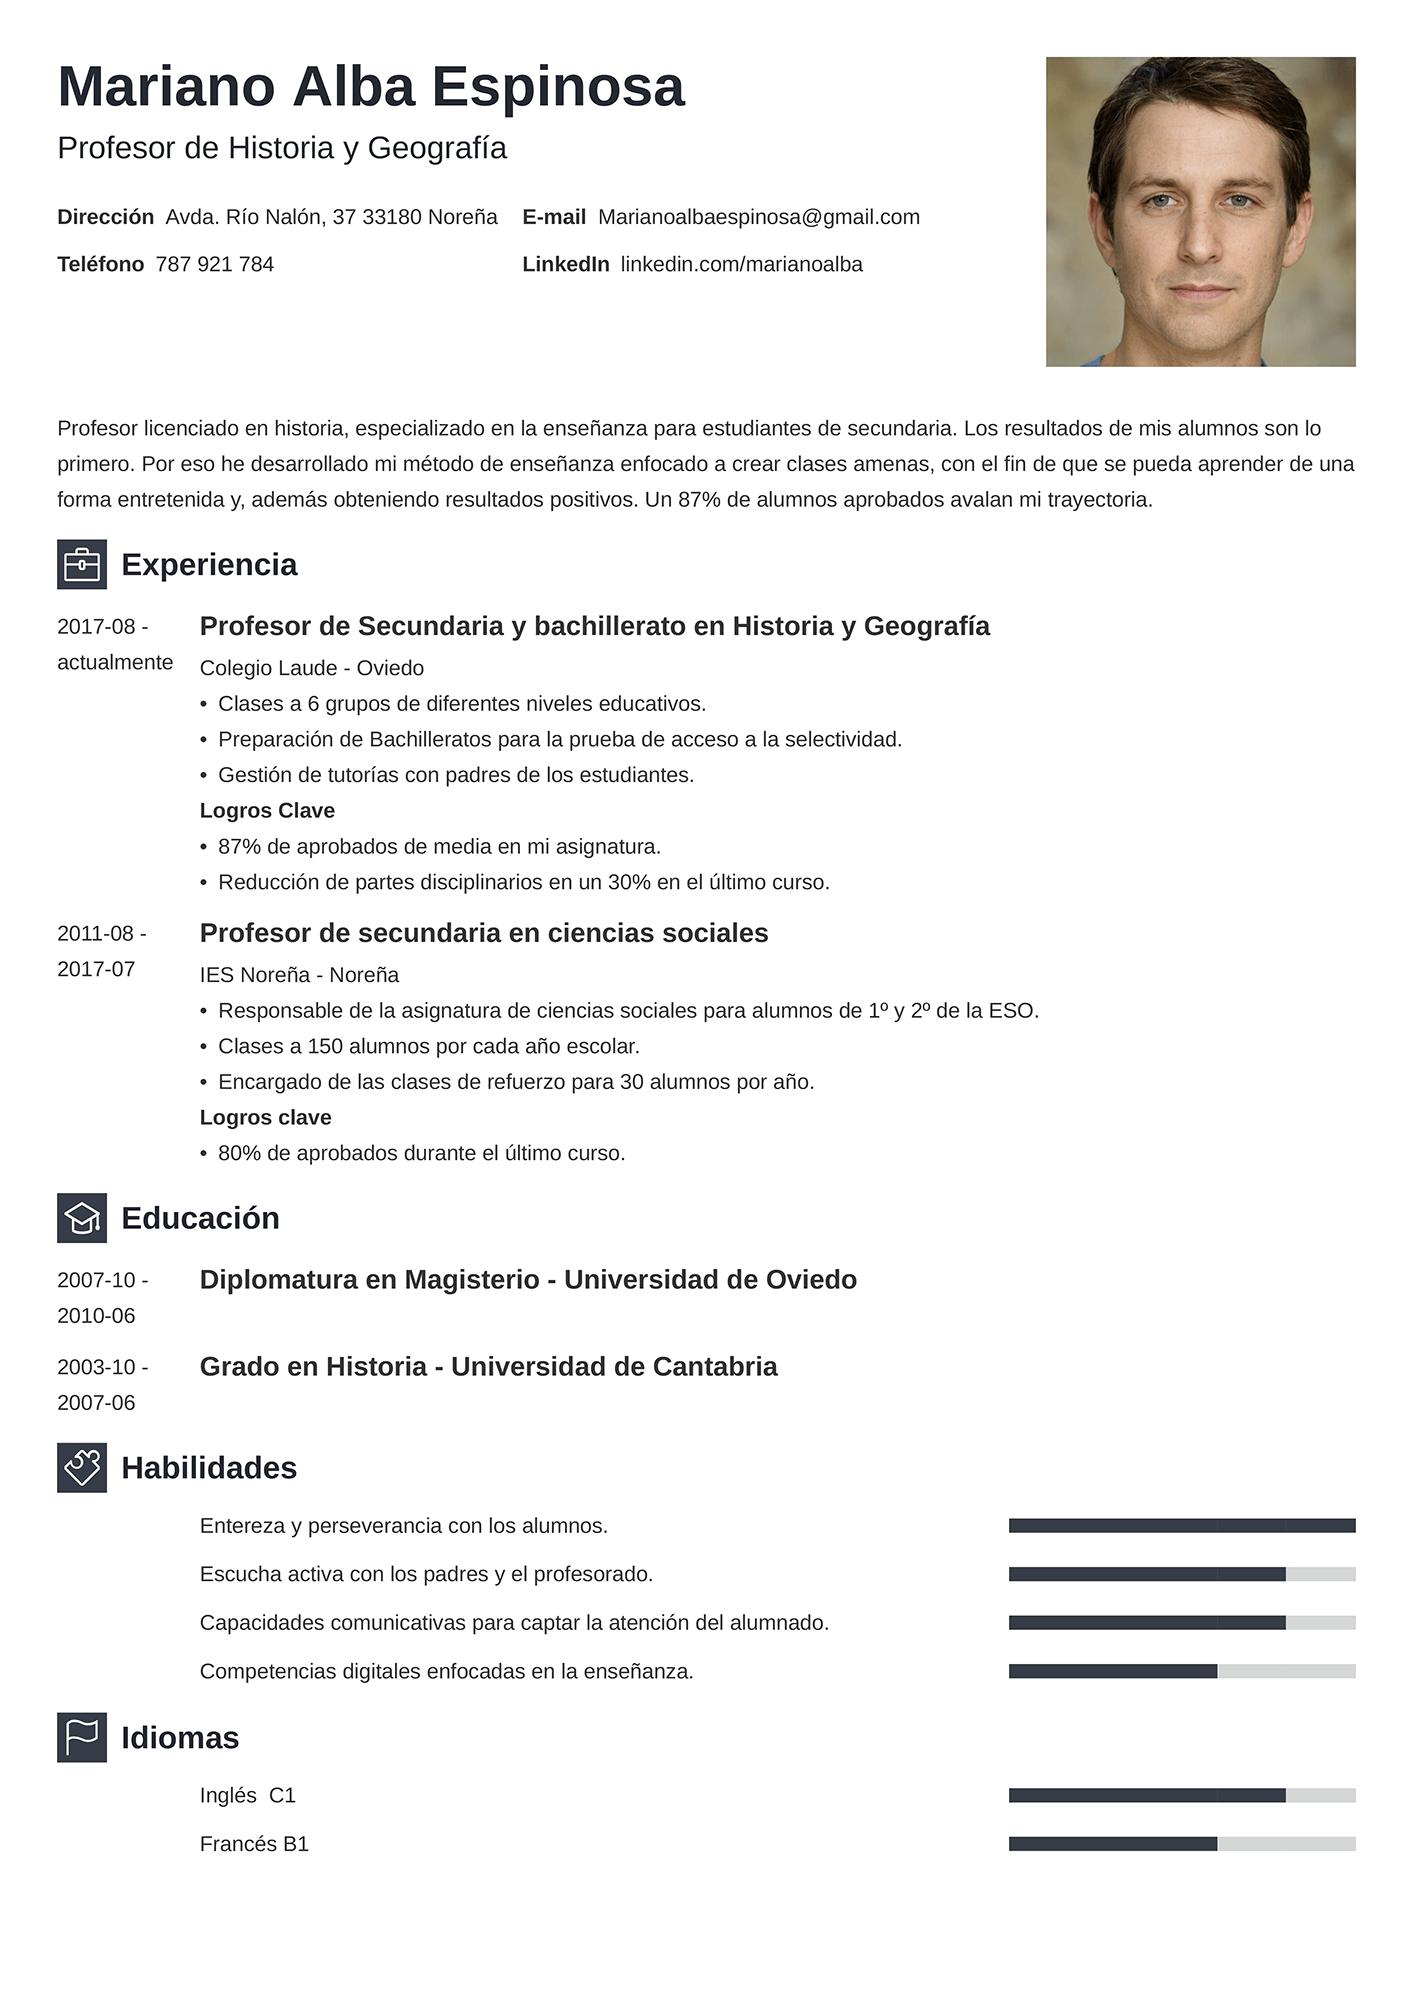 Currículum de Profesor